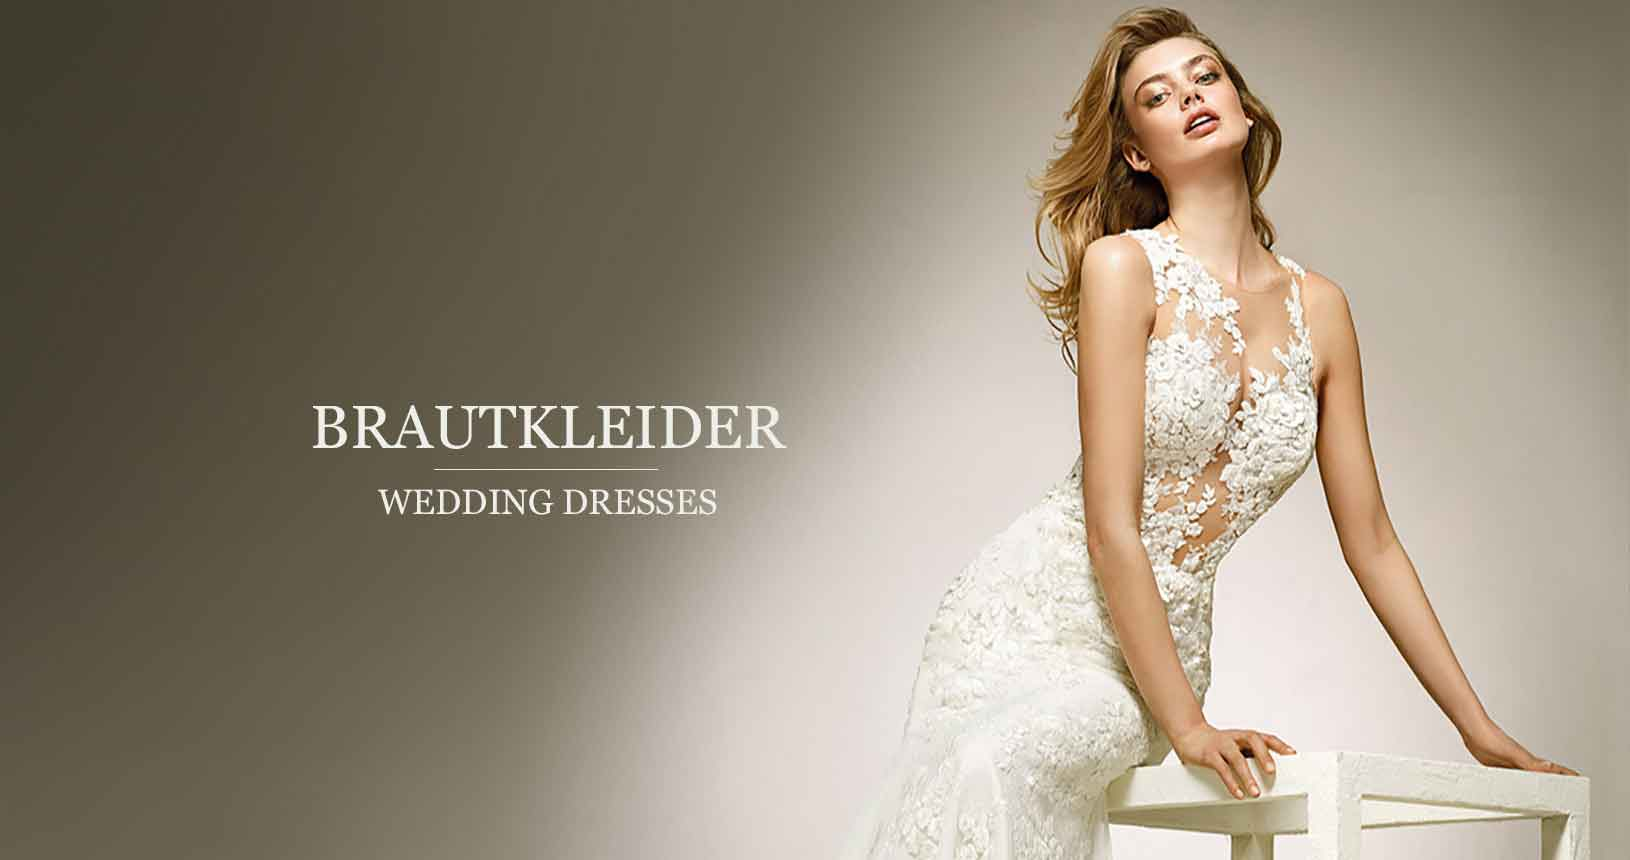 Brautkleider bei Balayi Brautmoden in Berlin und Hamburg